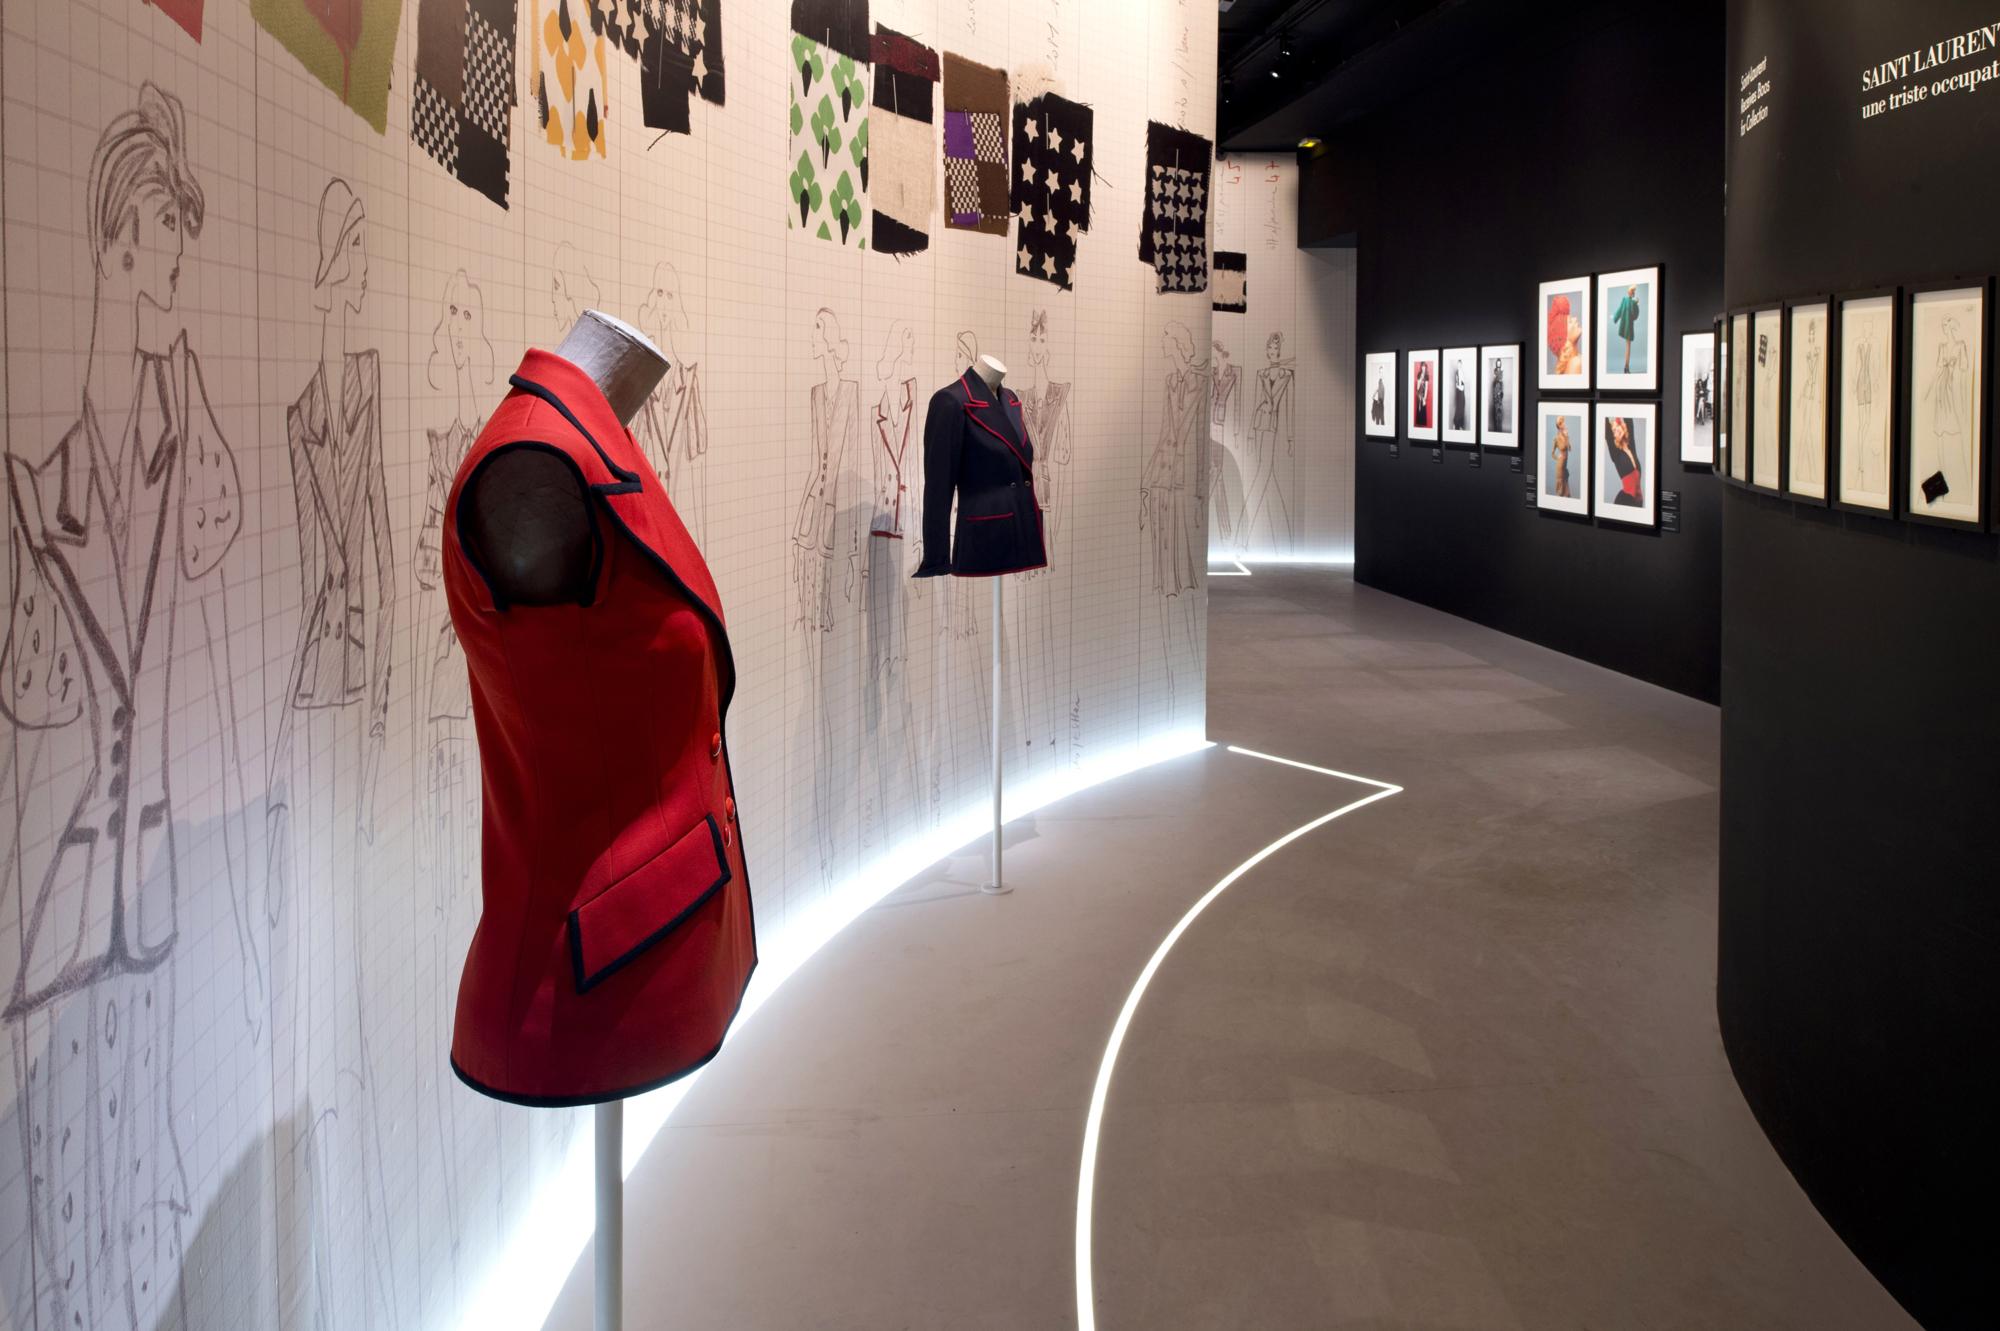 43084baa749 Yves Saint Laurent 1971, la collection du scandale exhibition display at  the Fondation Pierre Bergé - Yves Saint Laurent © Luc Castel